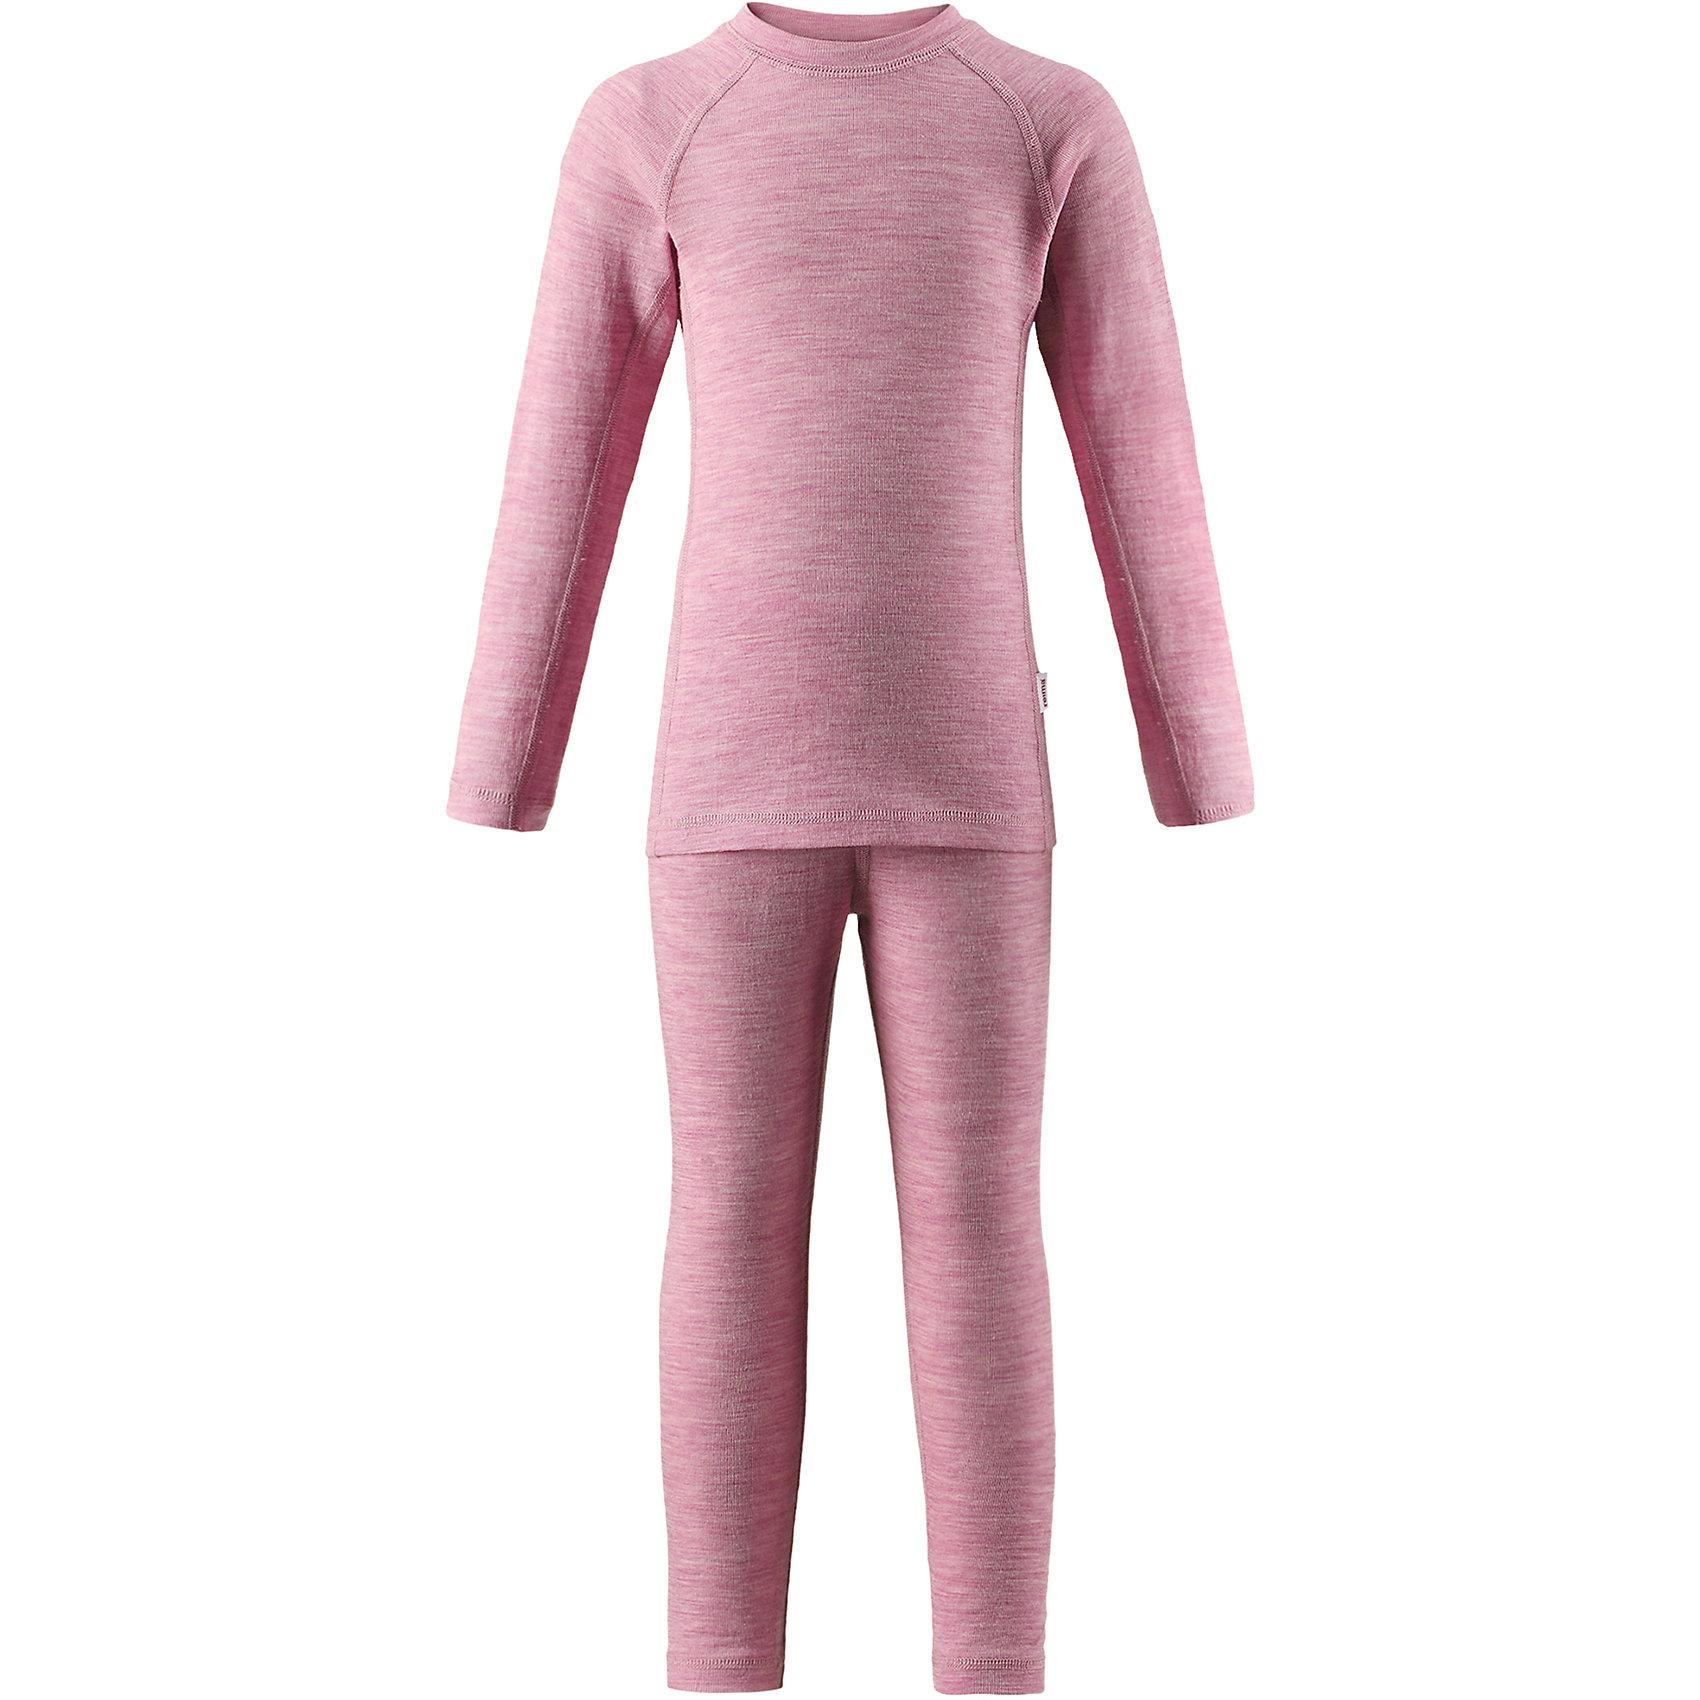 Комплект нижнего белья Reima KinseiФлис и термобелье<br>Характеристики товара:<br><br>• цвет: розовый;<br>• состав: 72% шерсть, 28% лиоцелл; <br>• сезон: демисезон;<br>• смесь мягкой мериносовой шерсти и Tencel® для поддержания идеальной температуры тела;<br>• мягкие плоские швы для дополнительного комфорта: не раздражают кожу;<br>• при намокании сохраняет тепло;<br>• эластичная талия;<br>• удлиненный подол сзади;<br>• страна бренда: Финляндия;<br>• страна изготовитель: Китай;<br><br>Детский базовый комплект сшит из необыкновенно мягкого материала – смеси мериносовой шерсти и волокон Tencel®. Материал превосходно регулирует температуру, благодаря чему этот комплект можно носить круглый год. Комплект хорошо держит форму даже после нескольких стирок. Он также очень приятен на ощупь и удобен благодаря мягким плоским швам, которые не натирают кожу, а благодаря эластичной трикотажной резинке он плотно сидит, но не стесняет движений.<br><br>Комплект нижнего белья Kinsei Reima (Рейма) можно купить в нашем интернет-магазине.<br><br>Ширина мм: 196<br>Глубина мм: 10<br>Высота мм: 154<br>Вес г: 152<br>Цвет: розовый<br>Возраст от месяцев: 84<br>Возраст до месяцев: 96<br>Пол: Унисекс<br>Возраст: Детский<br>Размер: 160,110,80,90,100,120,130,140,150<br>SKU: 6904560